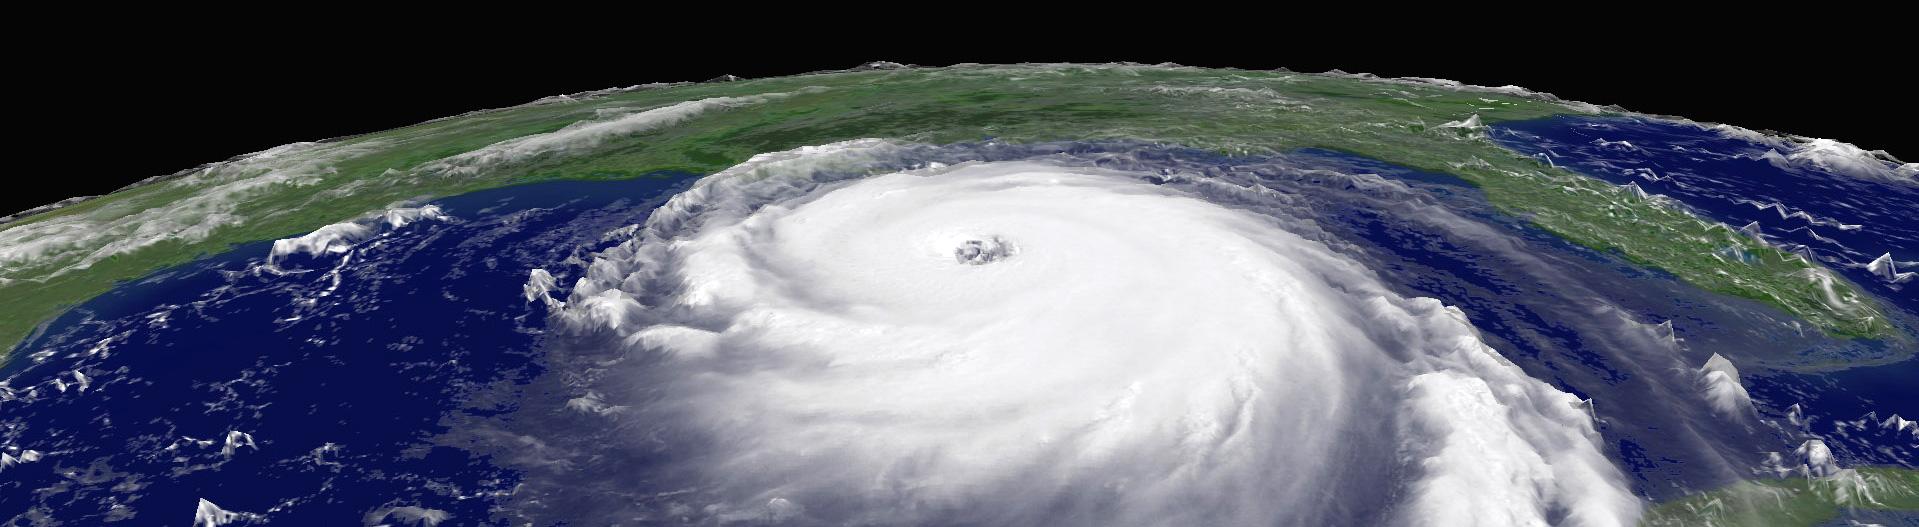 台風シーズンのあれこれ